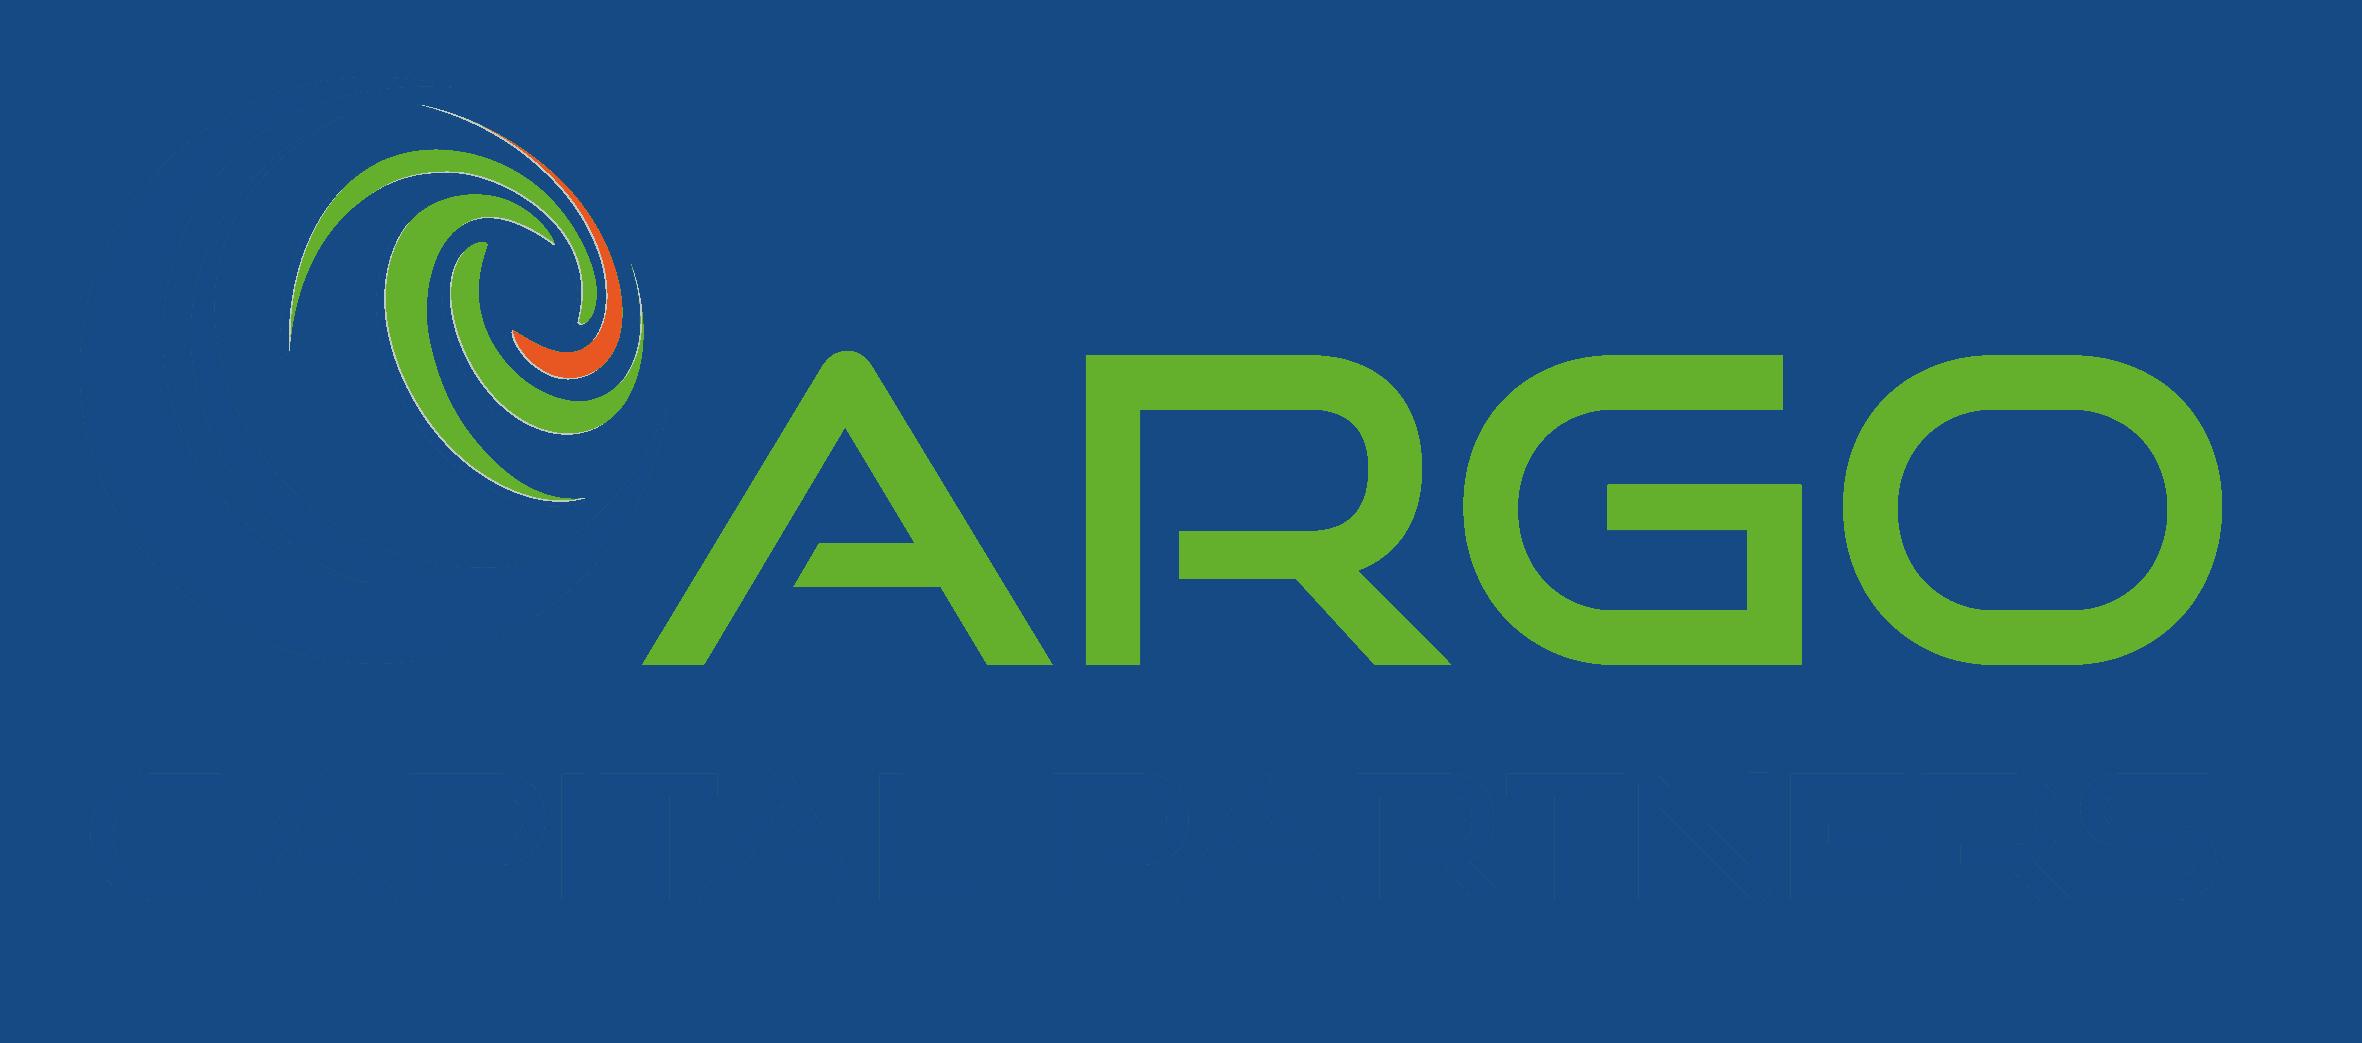 Argo Capital | Capital Privado · Investimento de Impacto · Transição Energética · Economia de baixo carbono